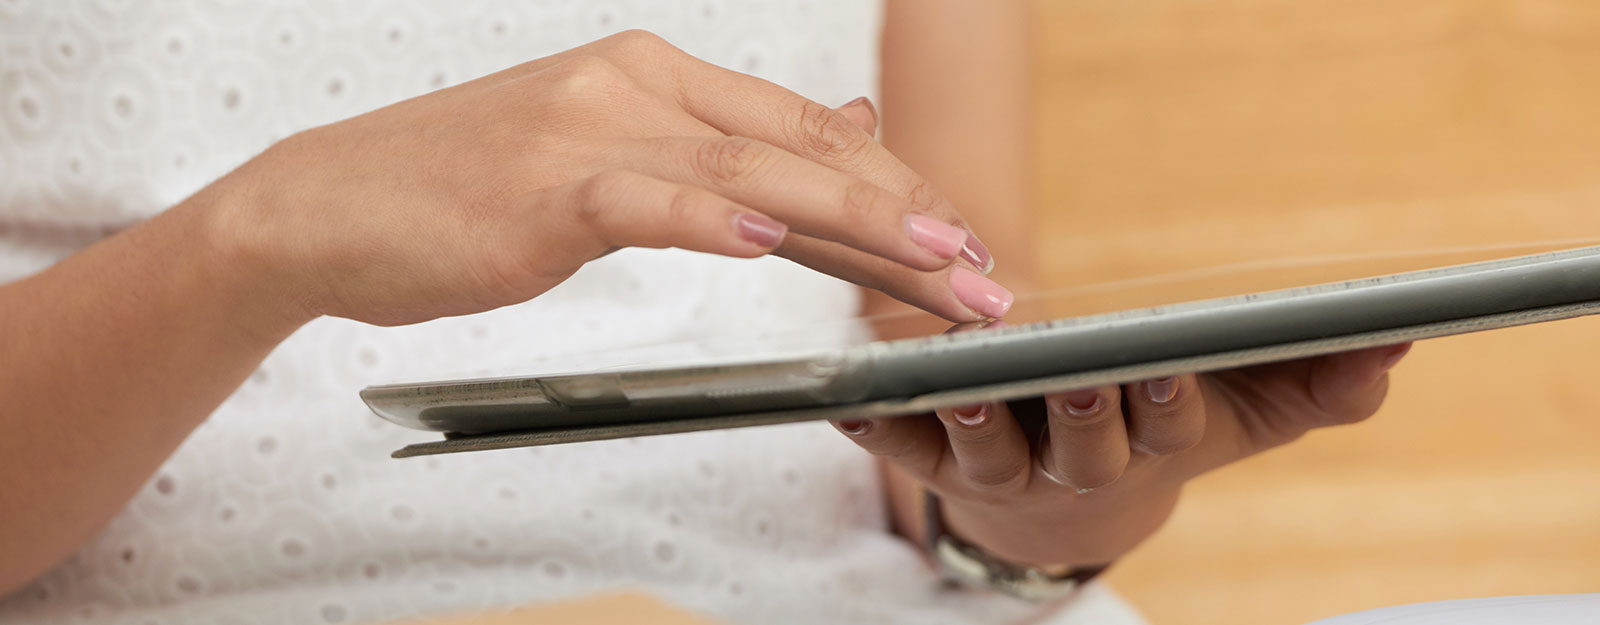 mains féminines travaillant sur un ordinateur tablette